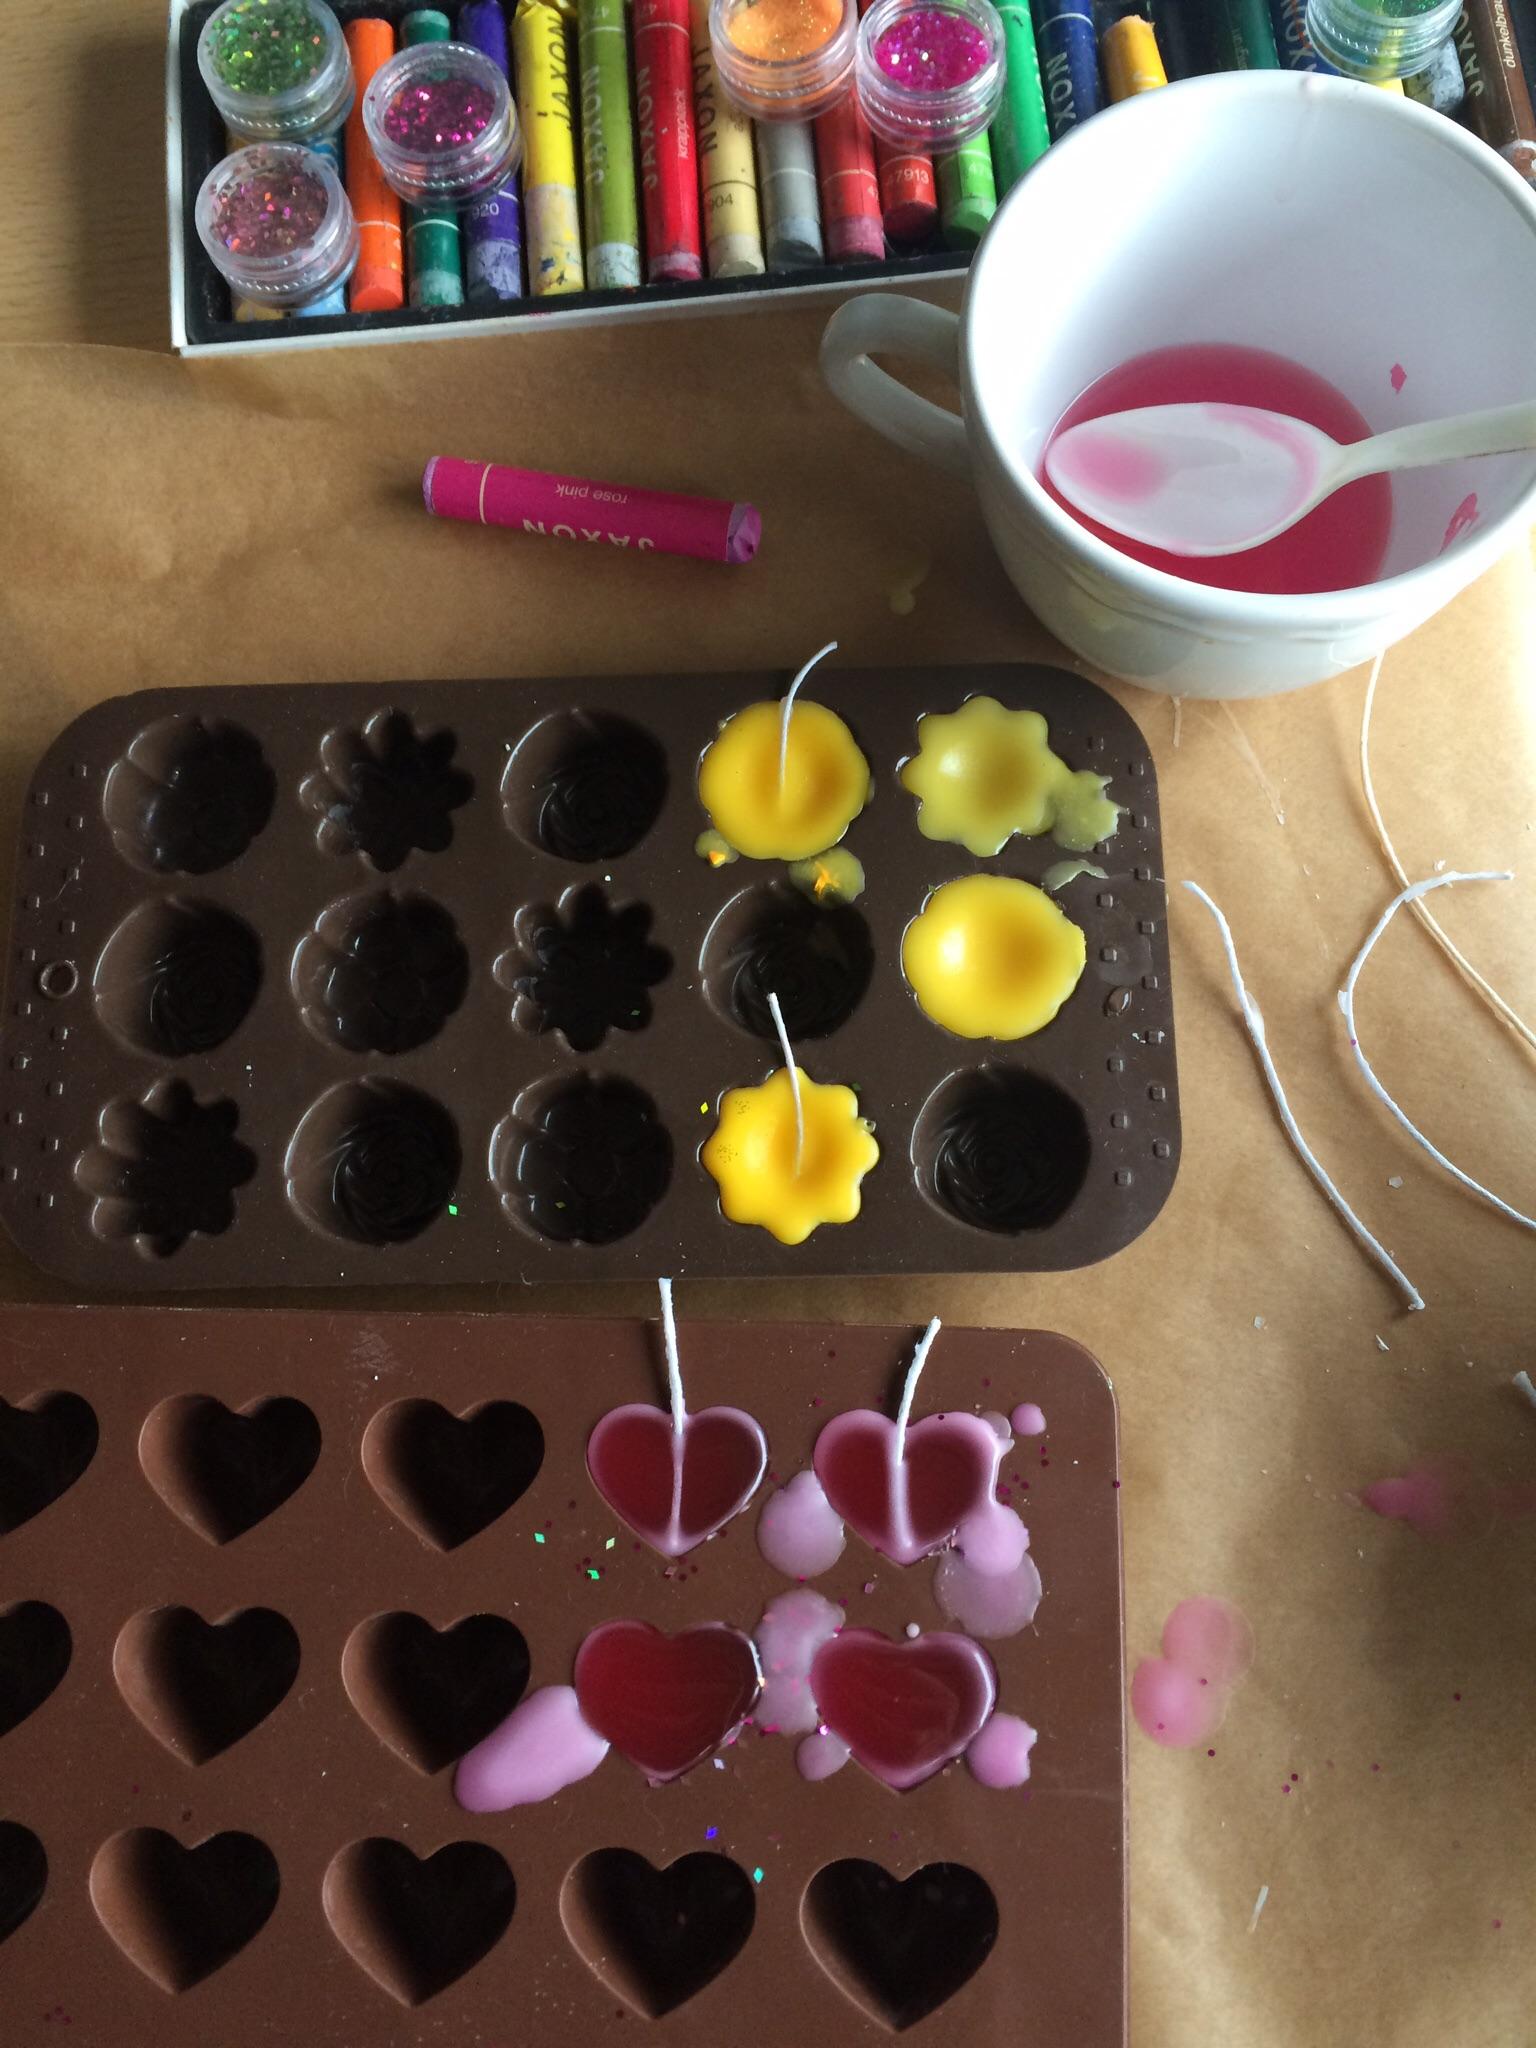 schwimmende kerzen selber machen, deko- und geschenkidee: schwimmende duftkerzen – miss ♡ made, Design ideen